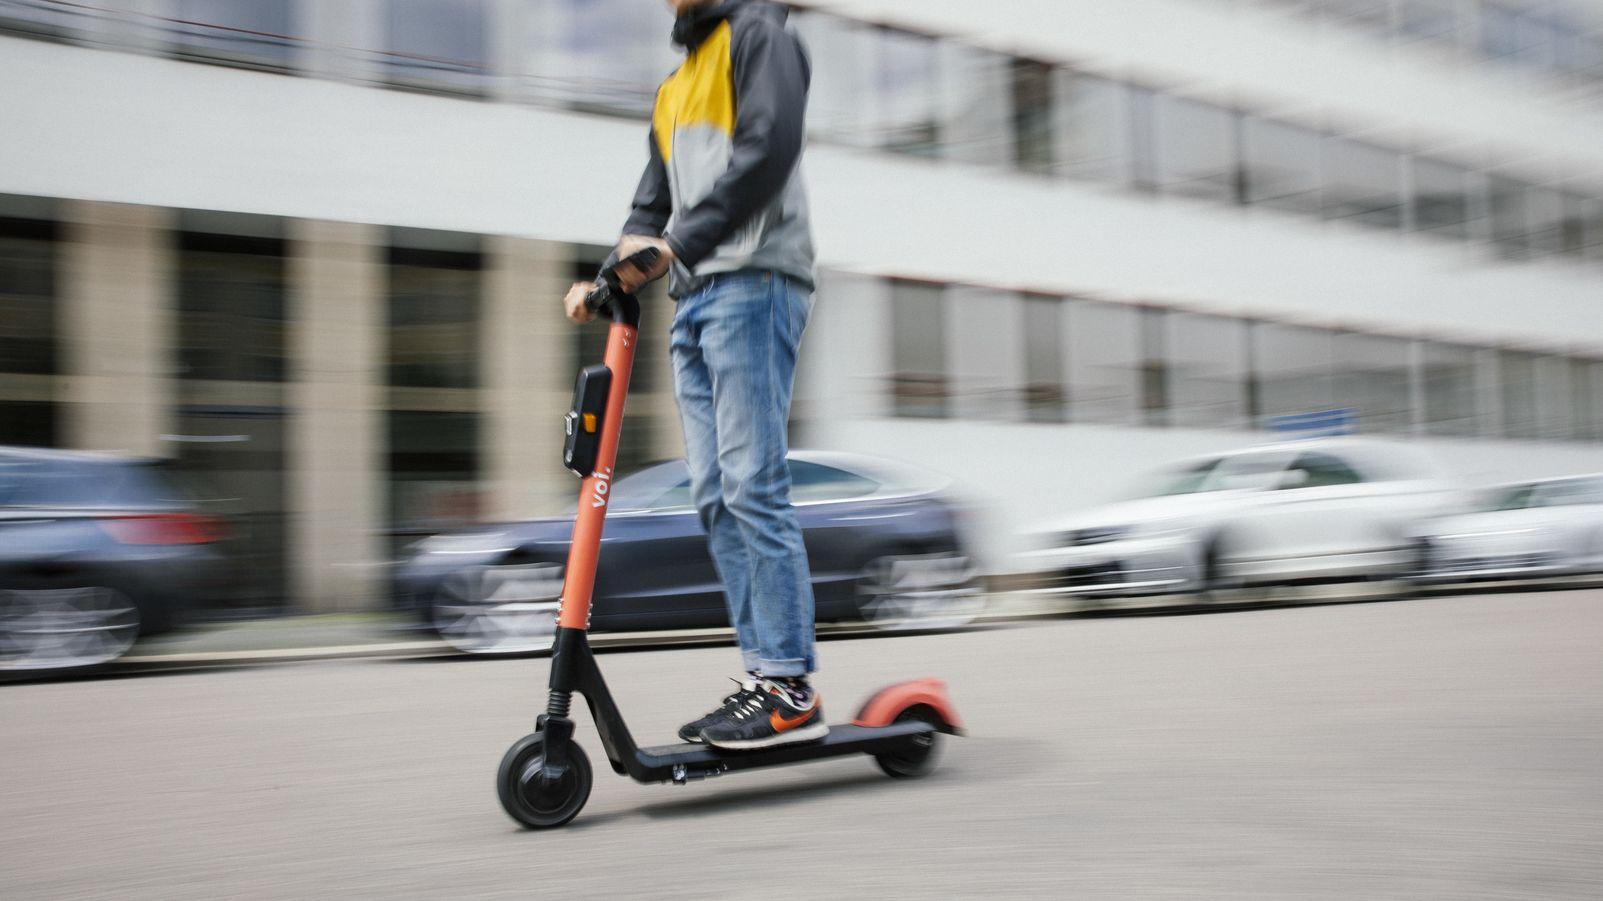 E-Scooter fährt auf der Straße